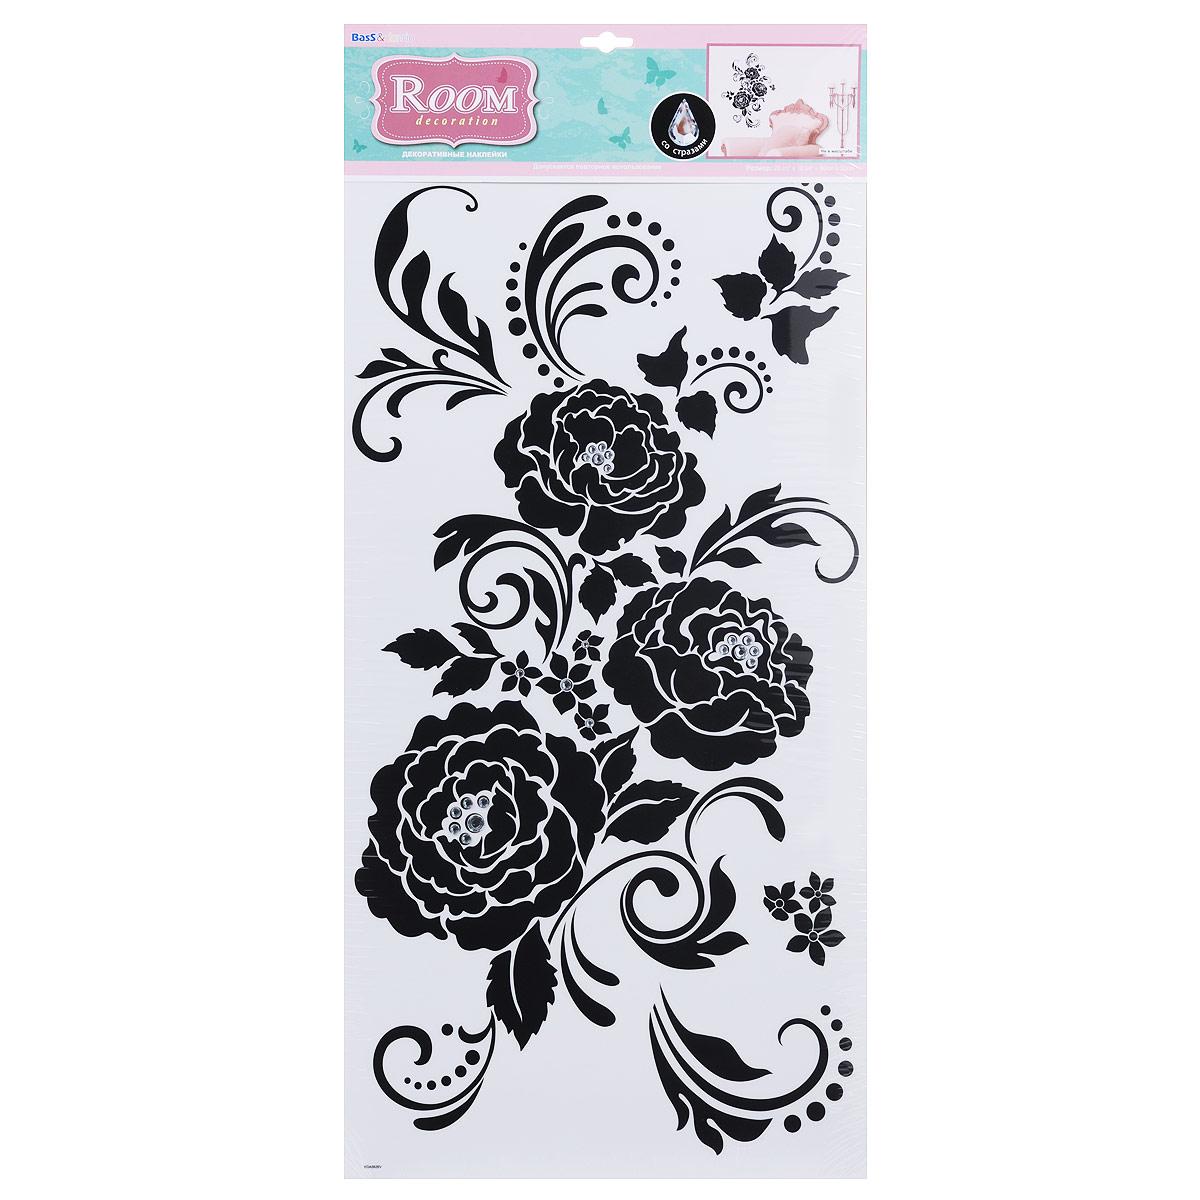 Наклейка для интерьера Room Decoration Черная роза, со стразами, 60 см х 32 см наклейки для интерьера room decoration цветы и бабочки 60 см х 32 см